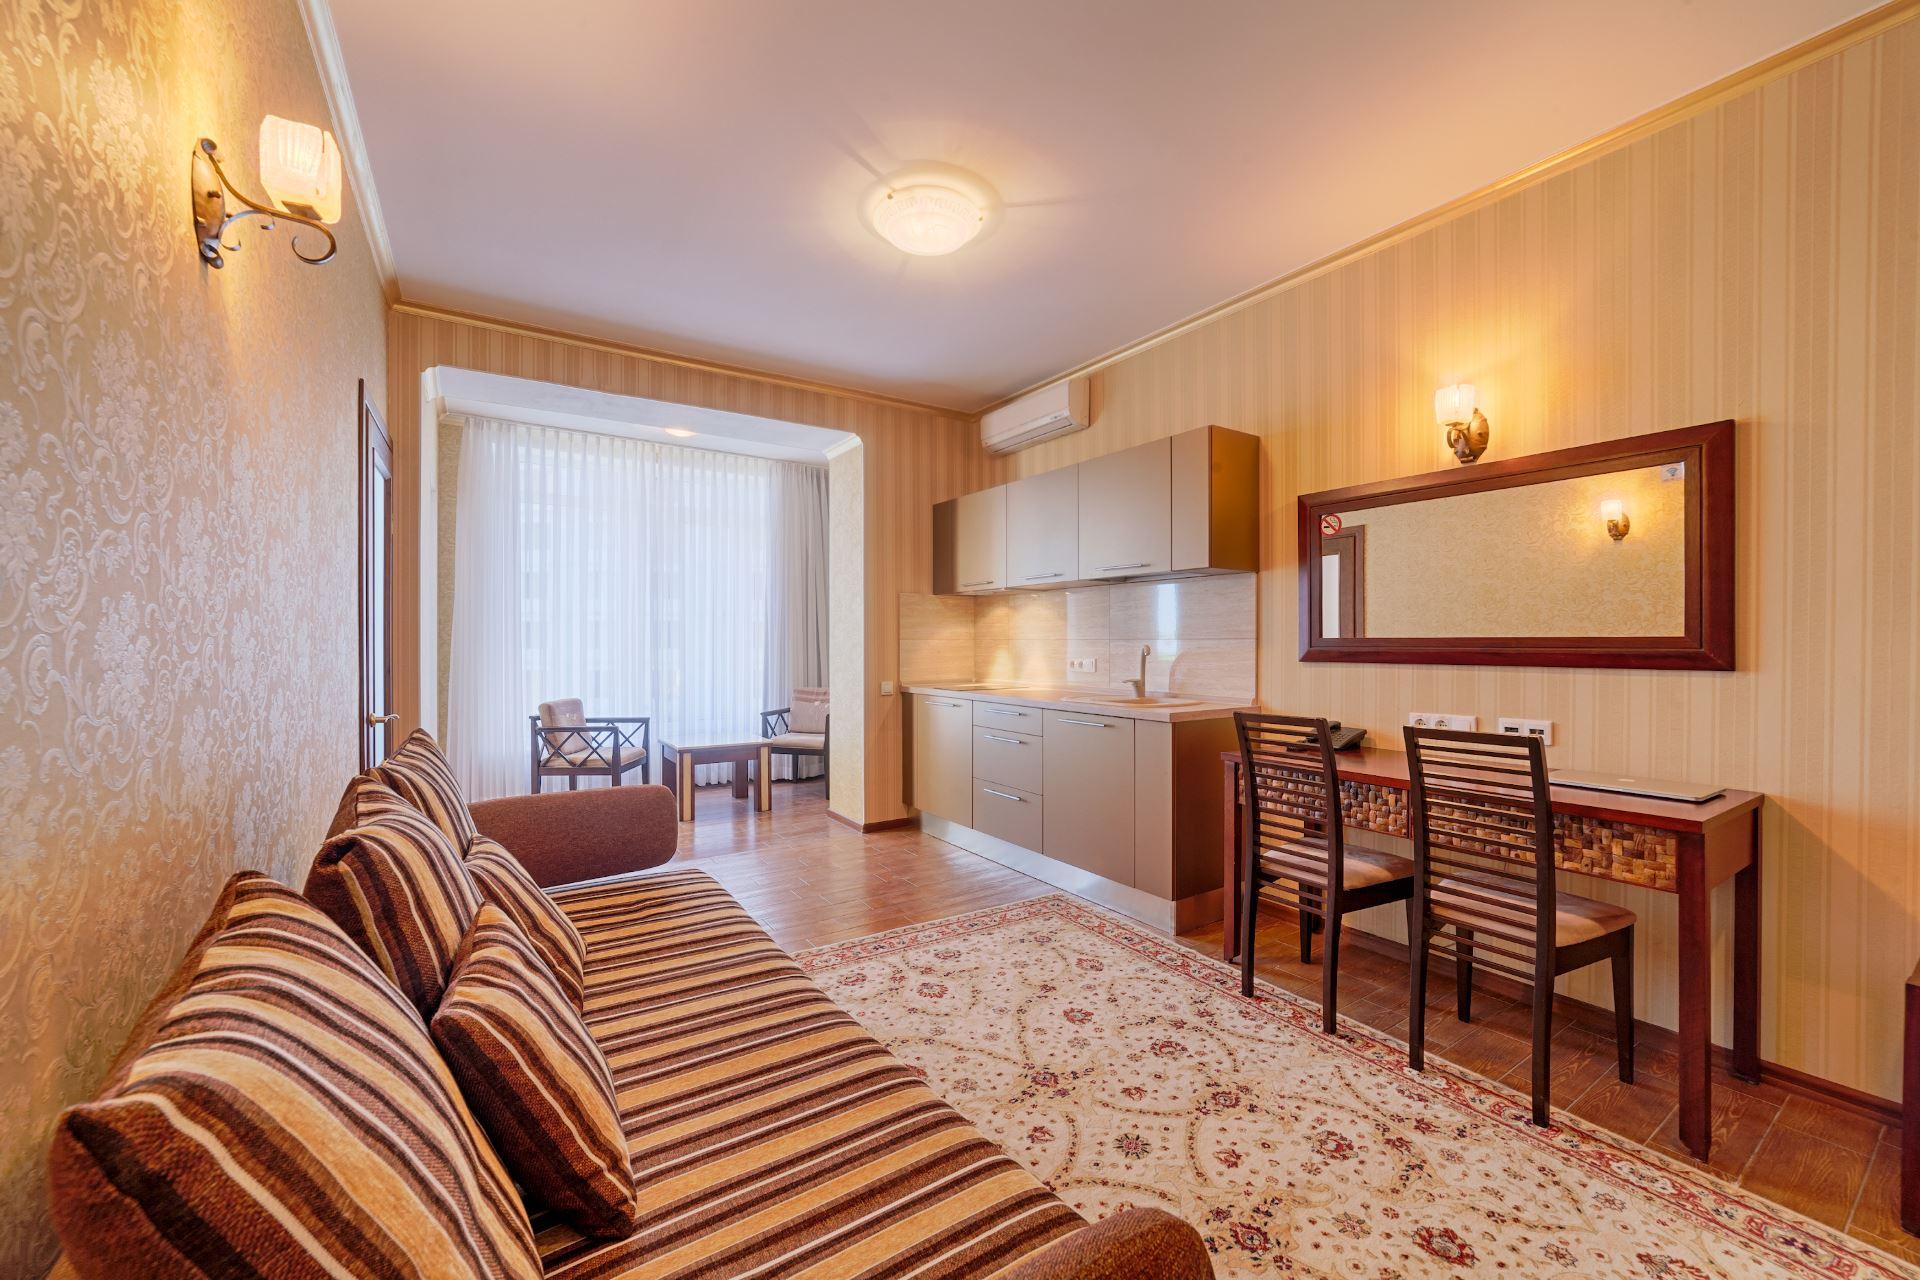 Apartments_MG_0341_HDR